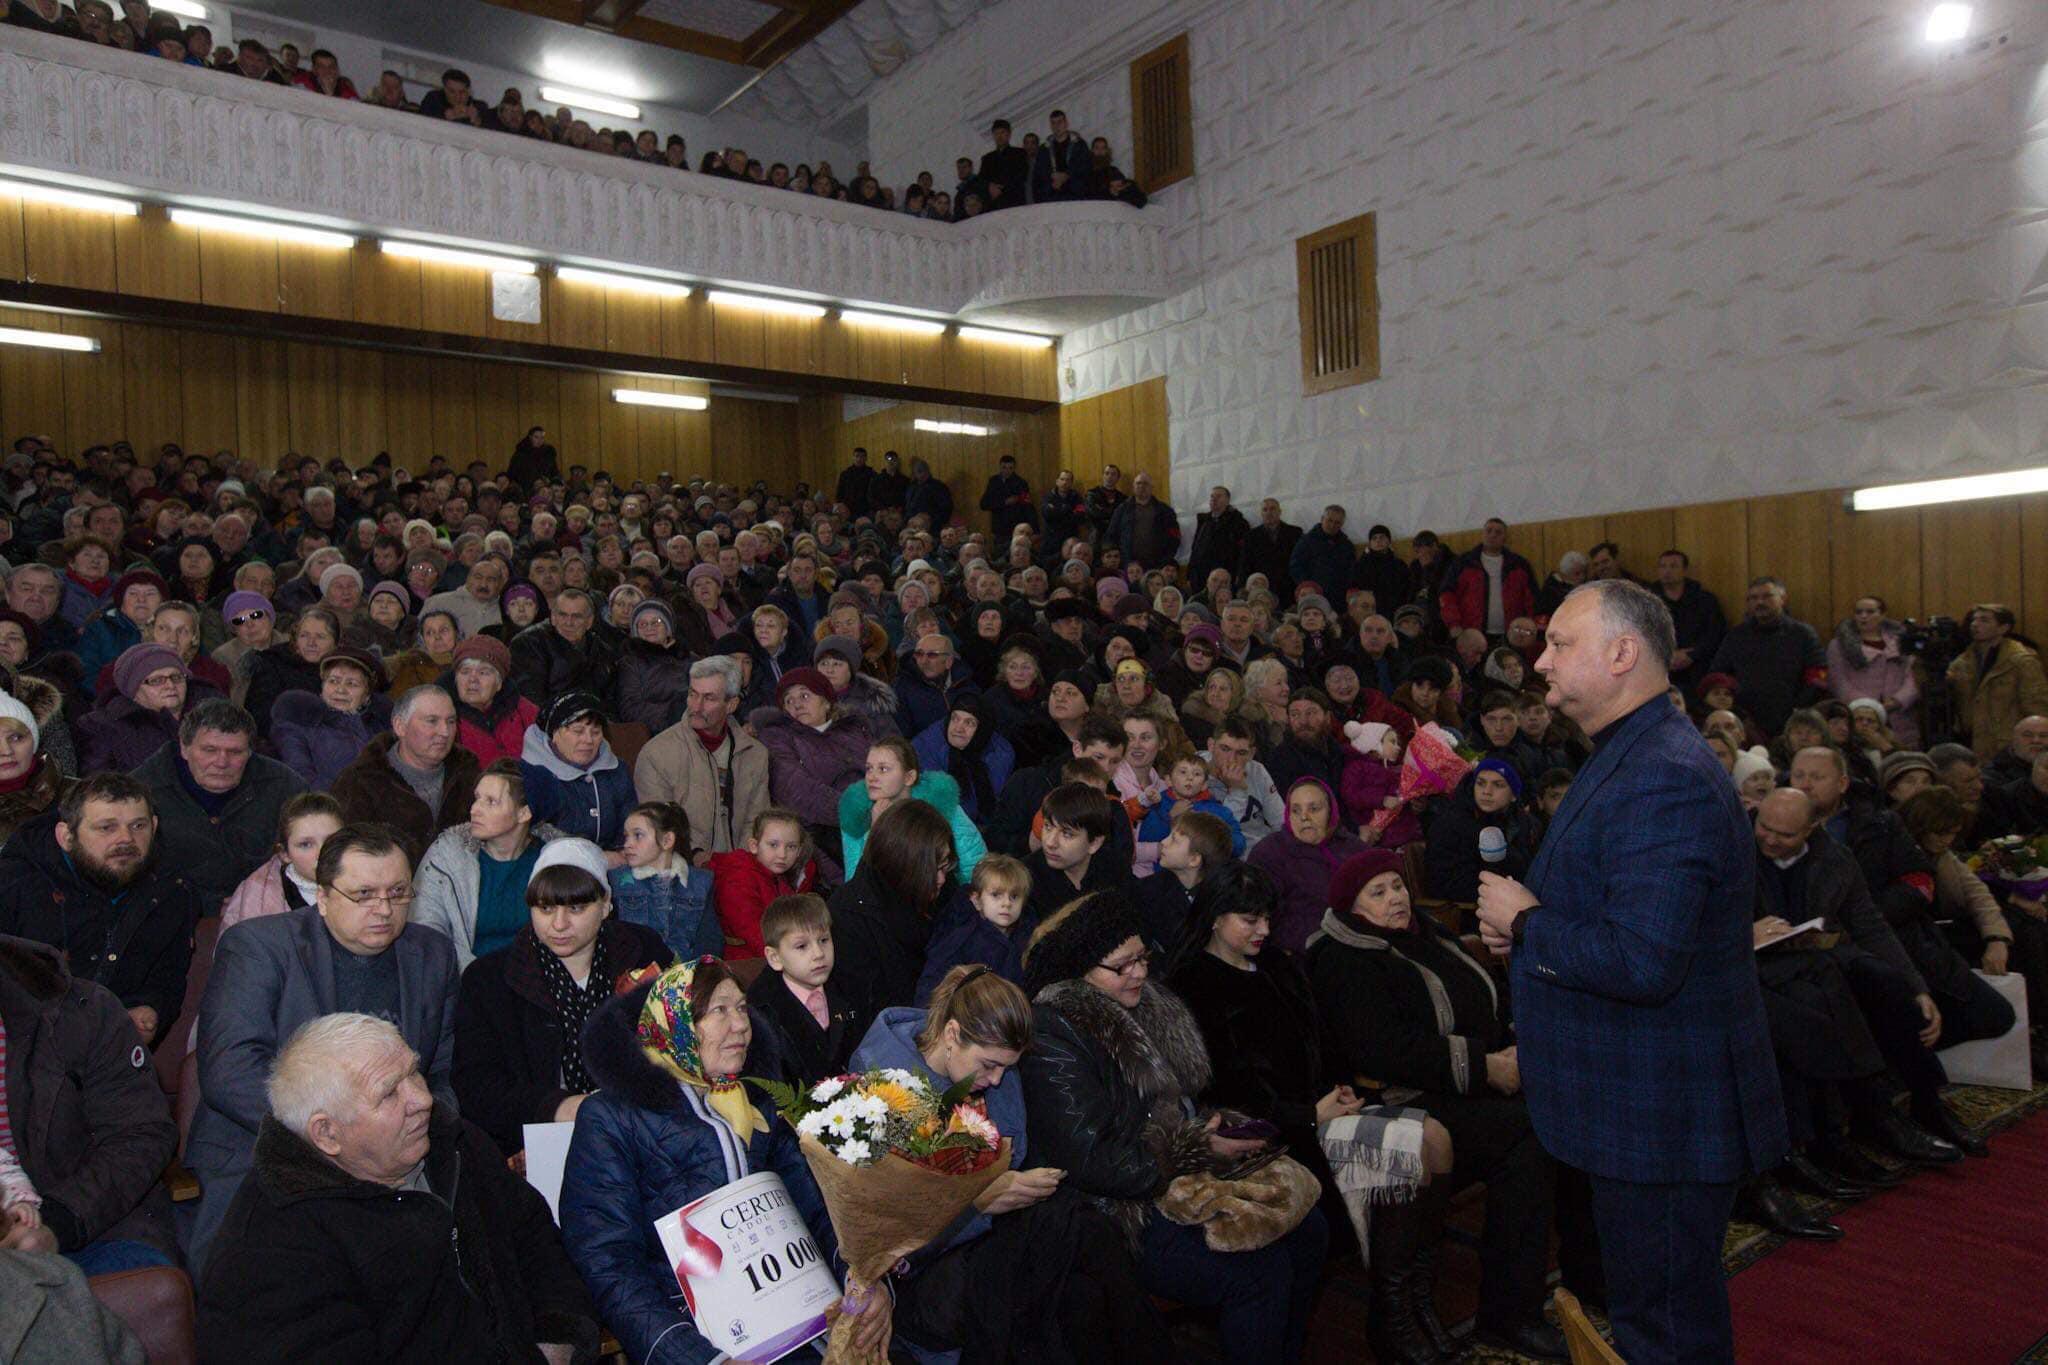 Ажиотаж на встрече с президентом в Окнице: беседа проходила в переполненном зале (ФОТО)